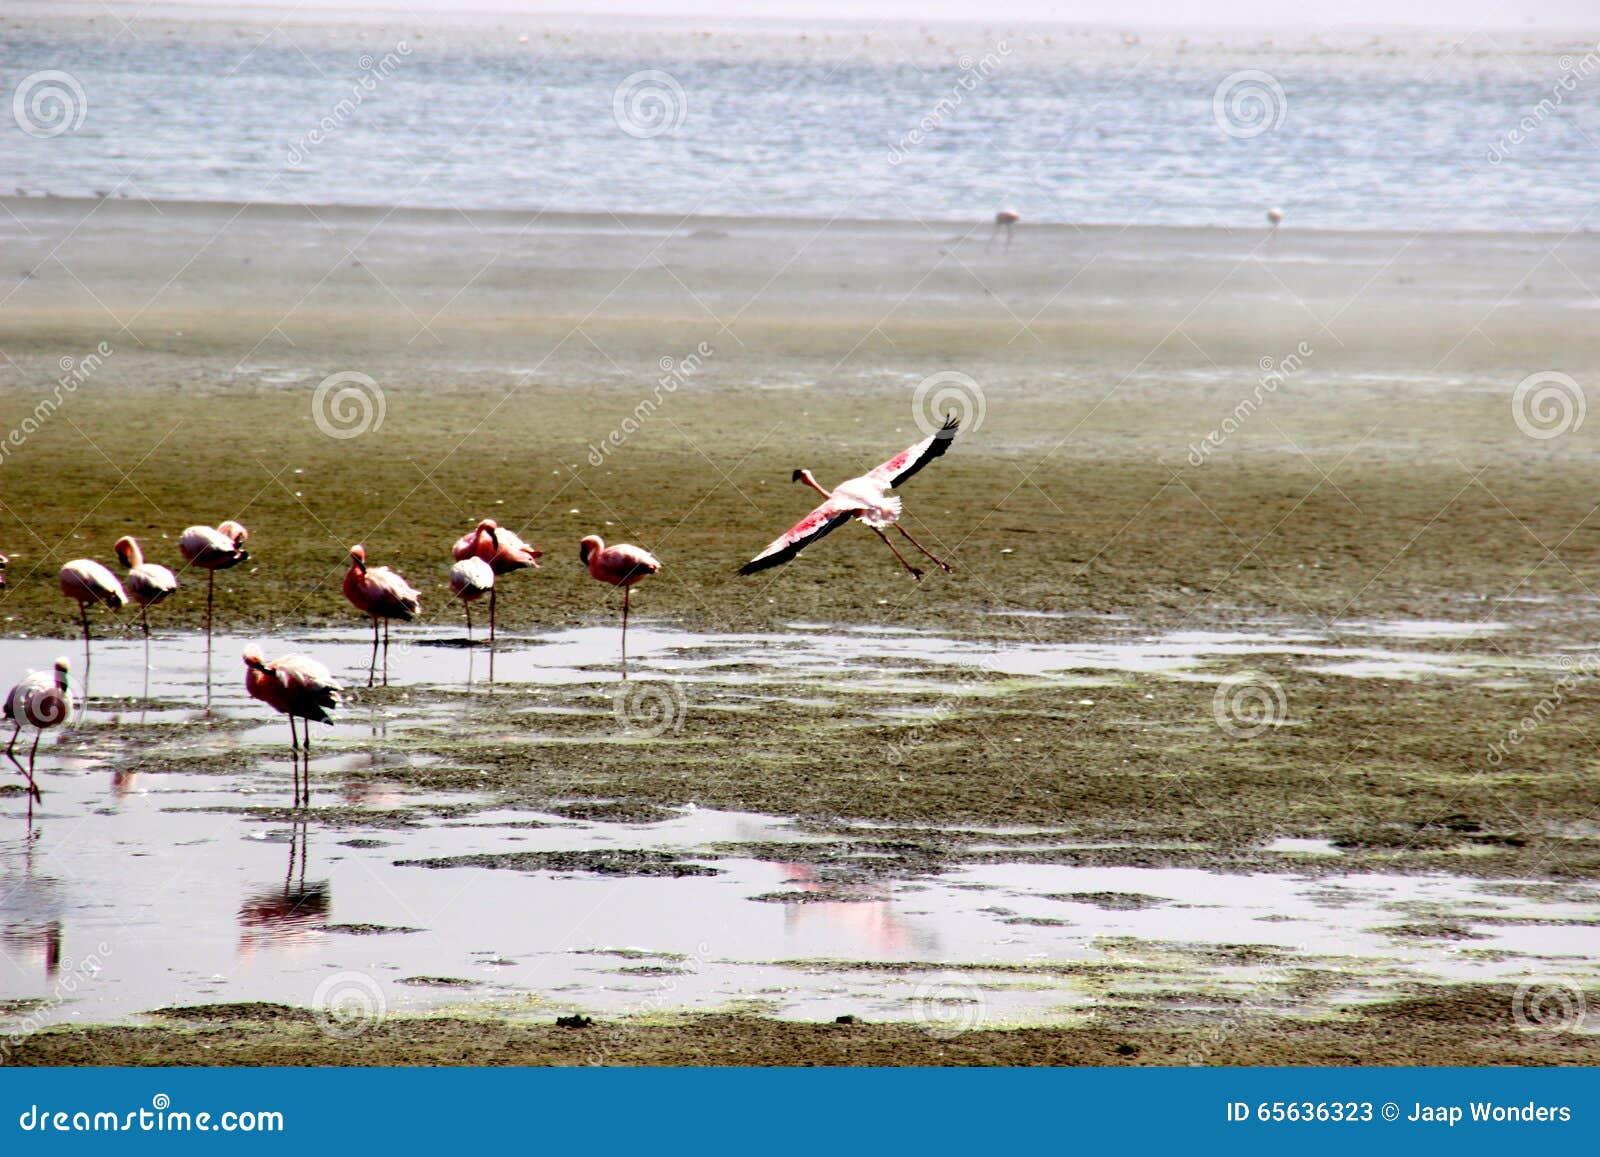 Flamant Namibie Afrique